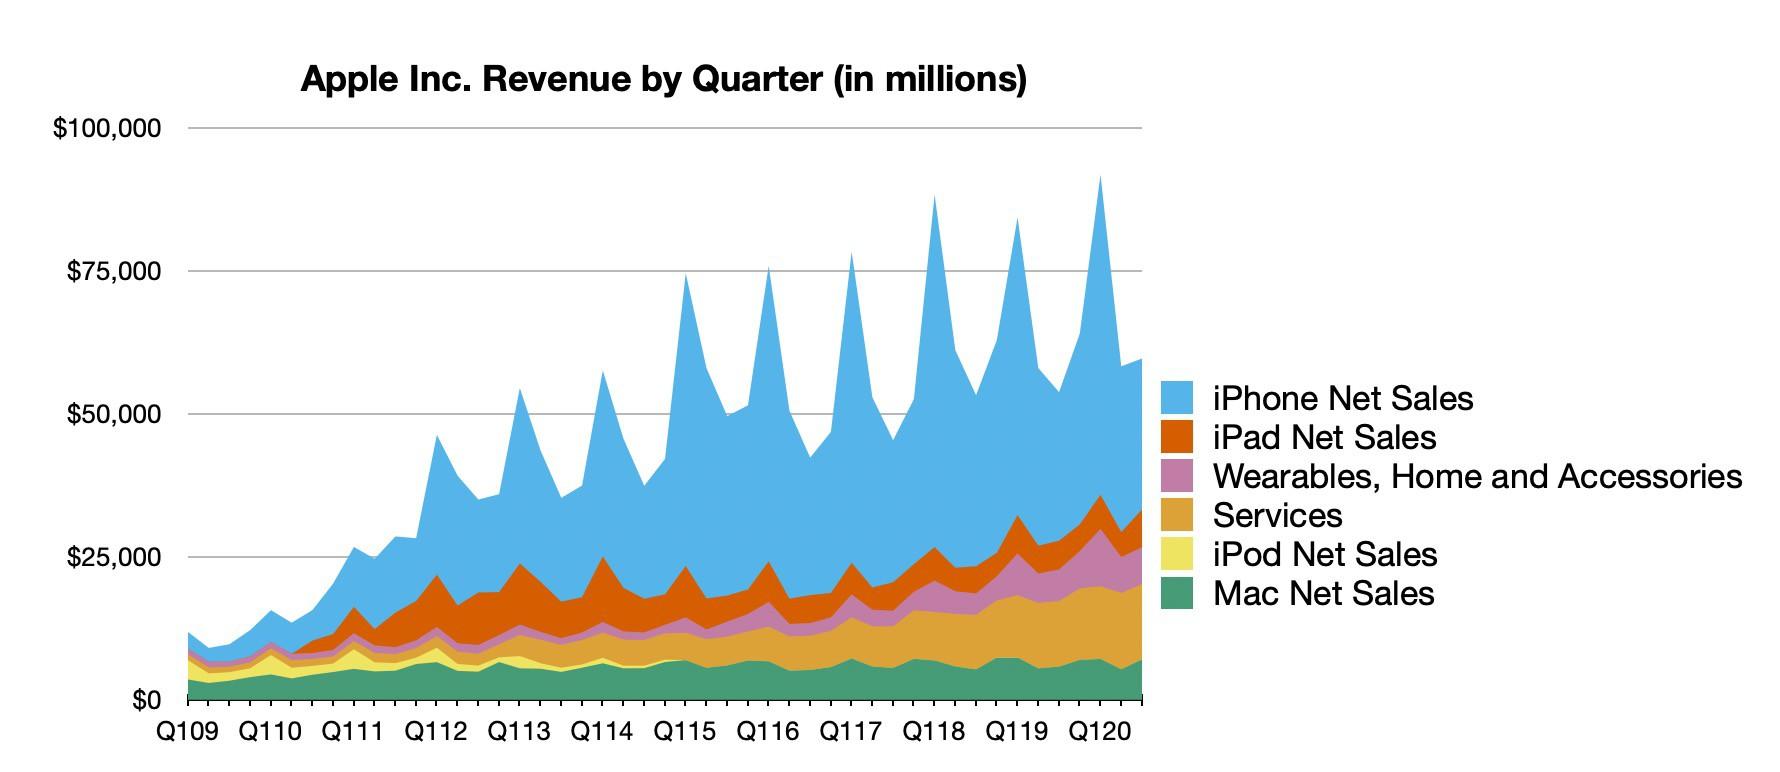 Resultados financieros de Apple en el segundo trimestre del año 2020